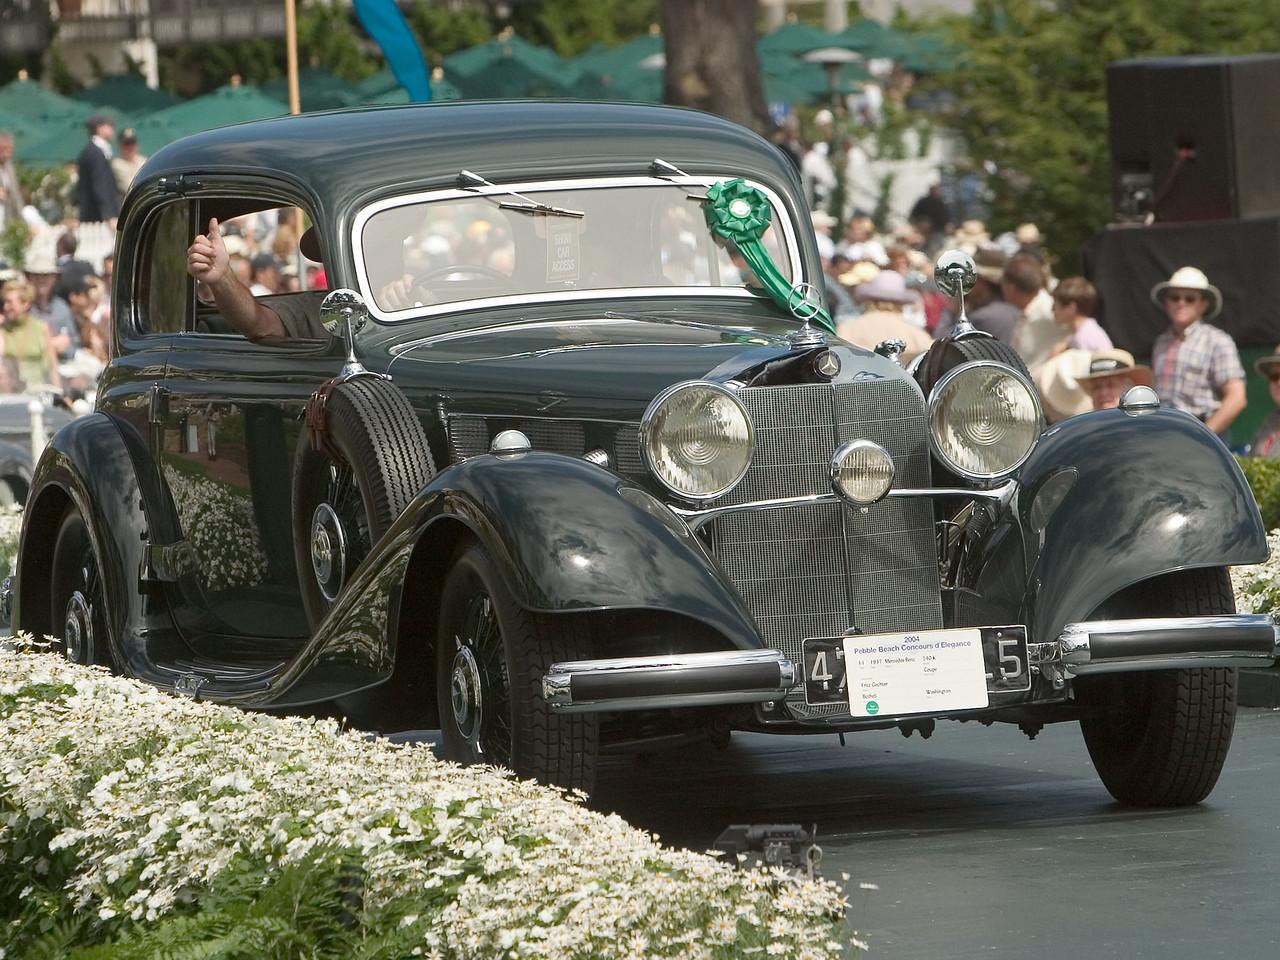 1937 Mercedes-Benz 540 K Coupe. 3rd Mercedes Prewar.  Fritz Gechter.